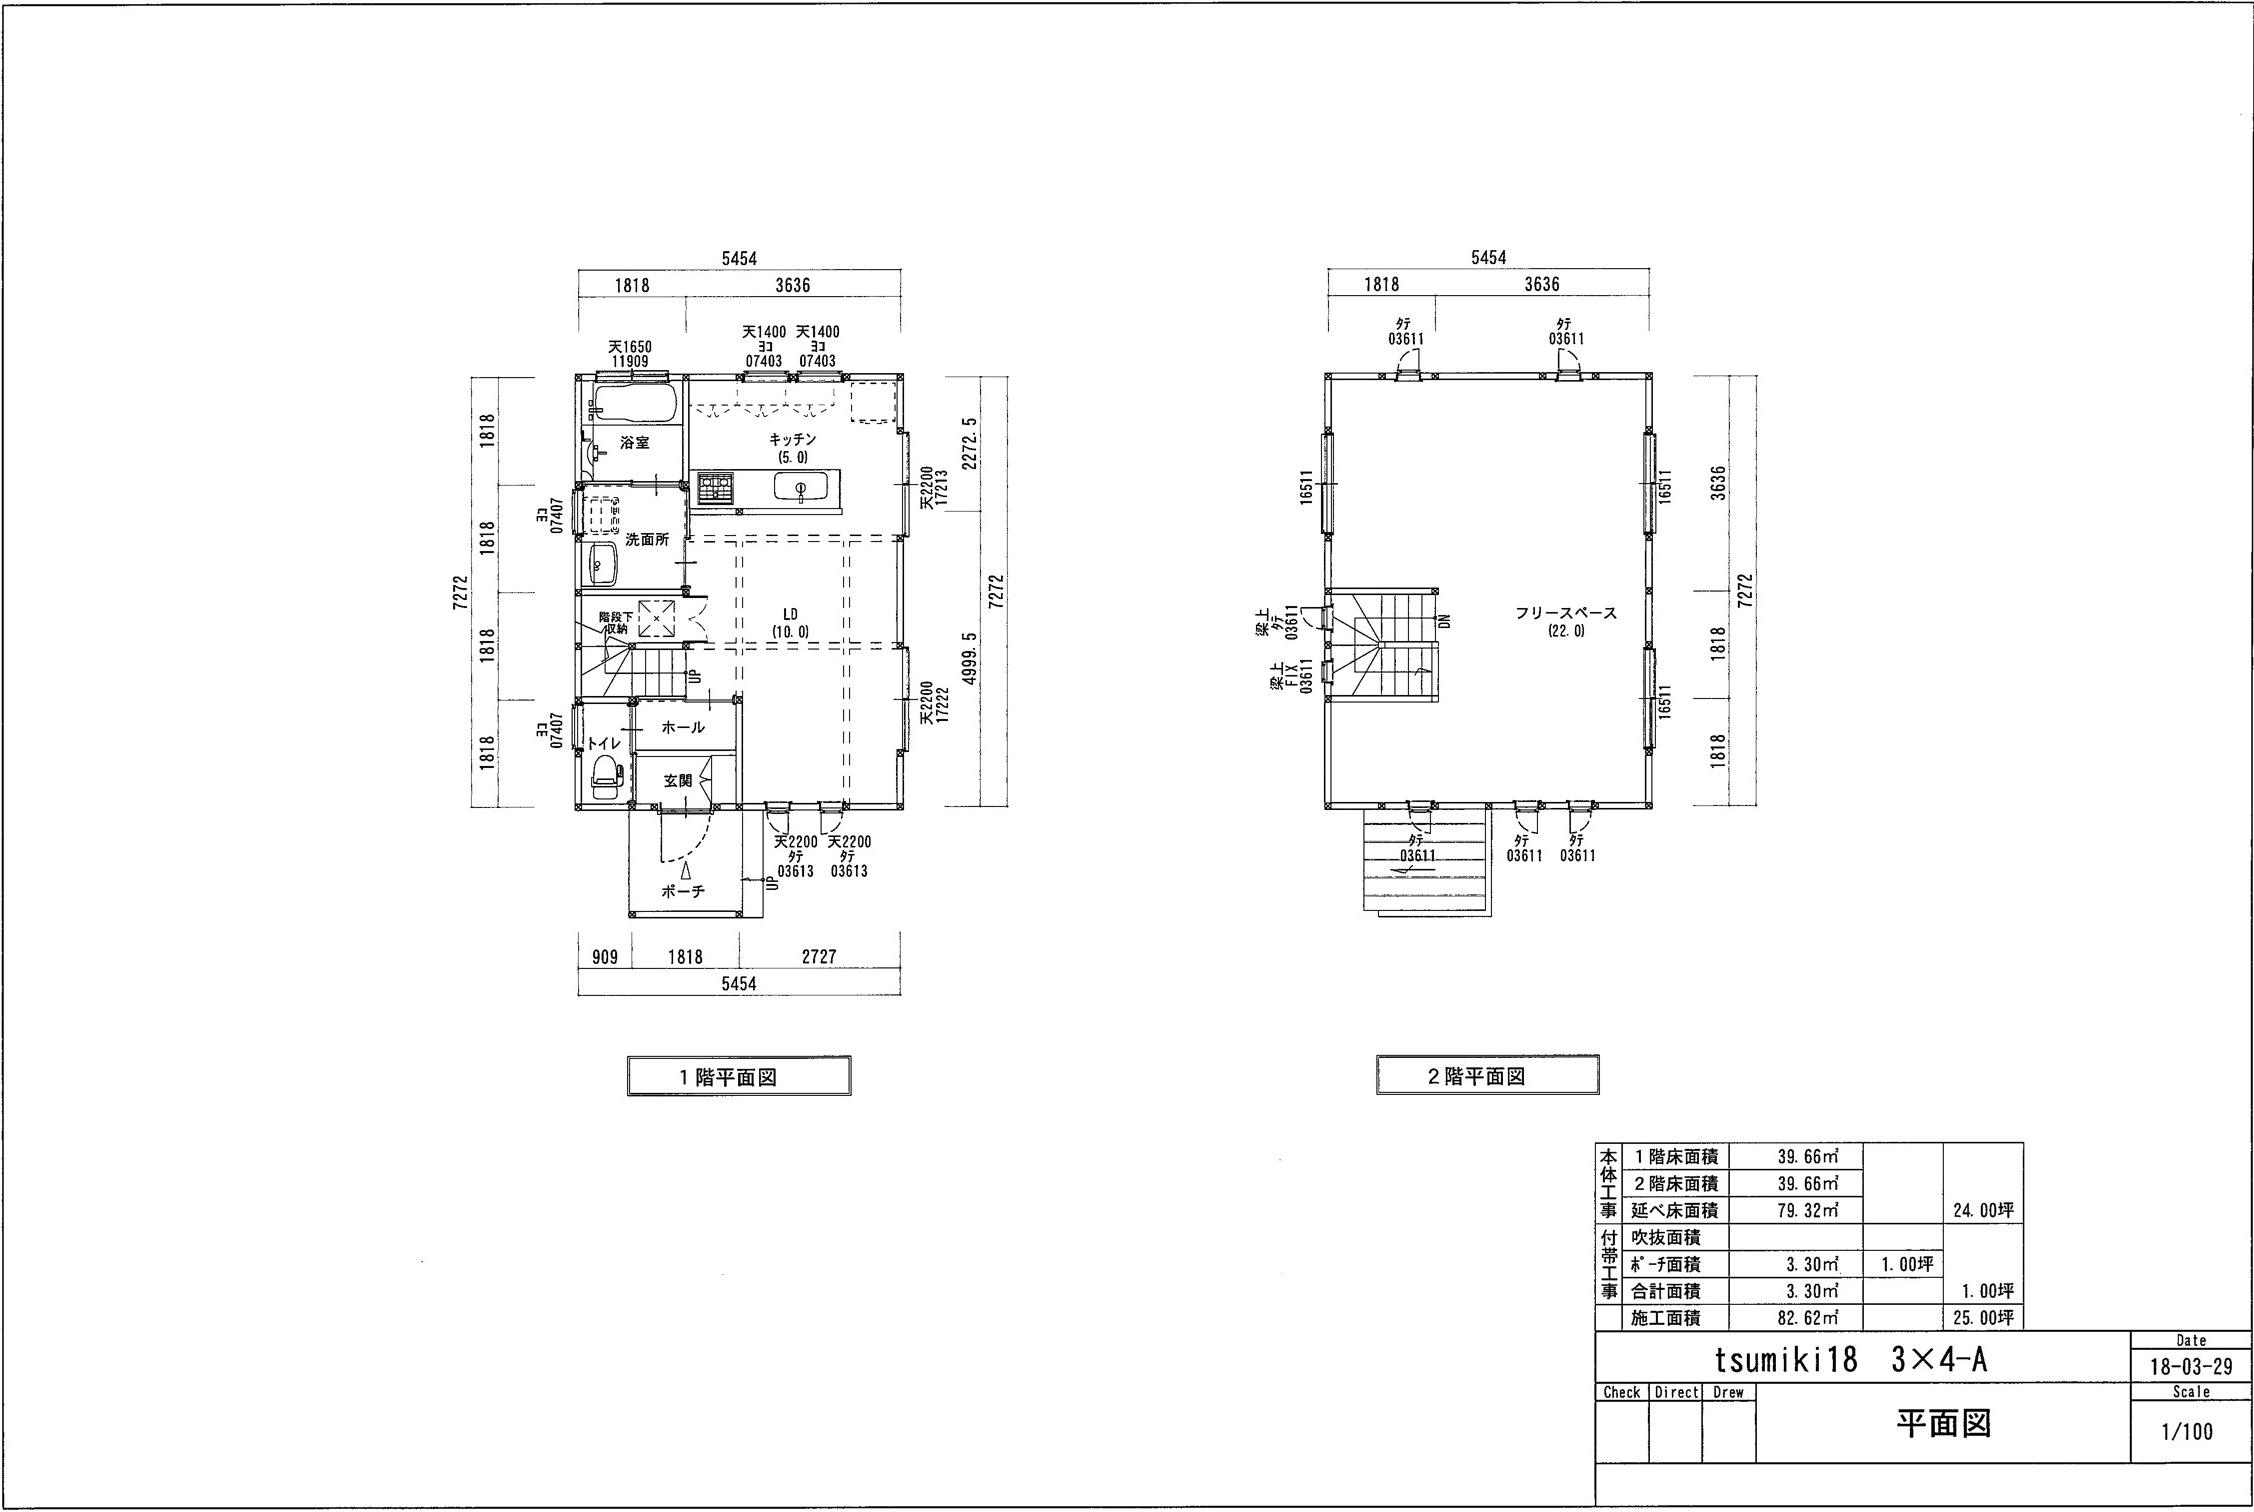 tsumiki 25坪(3×4-A)/1,475万円+税